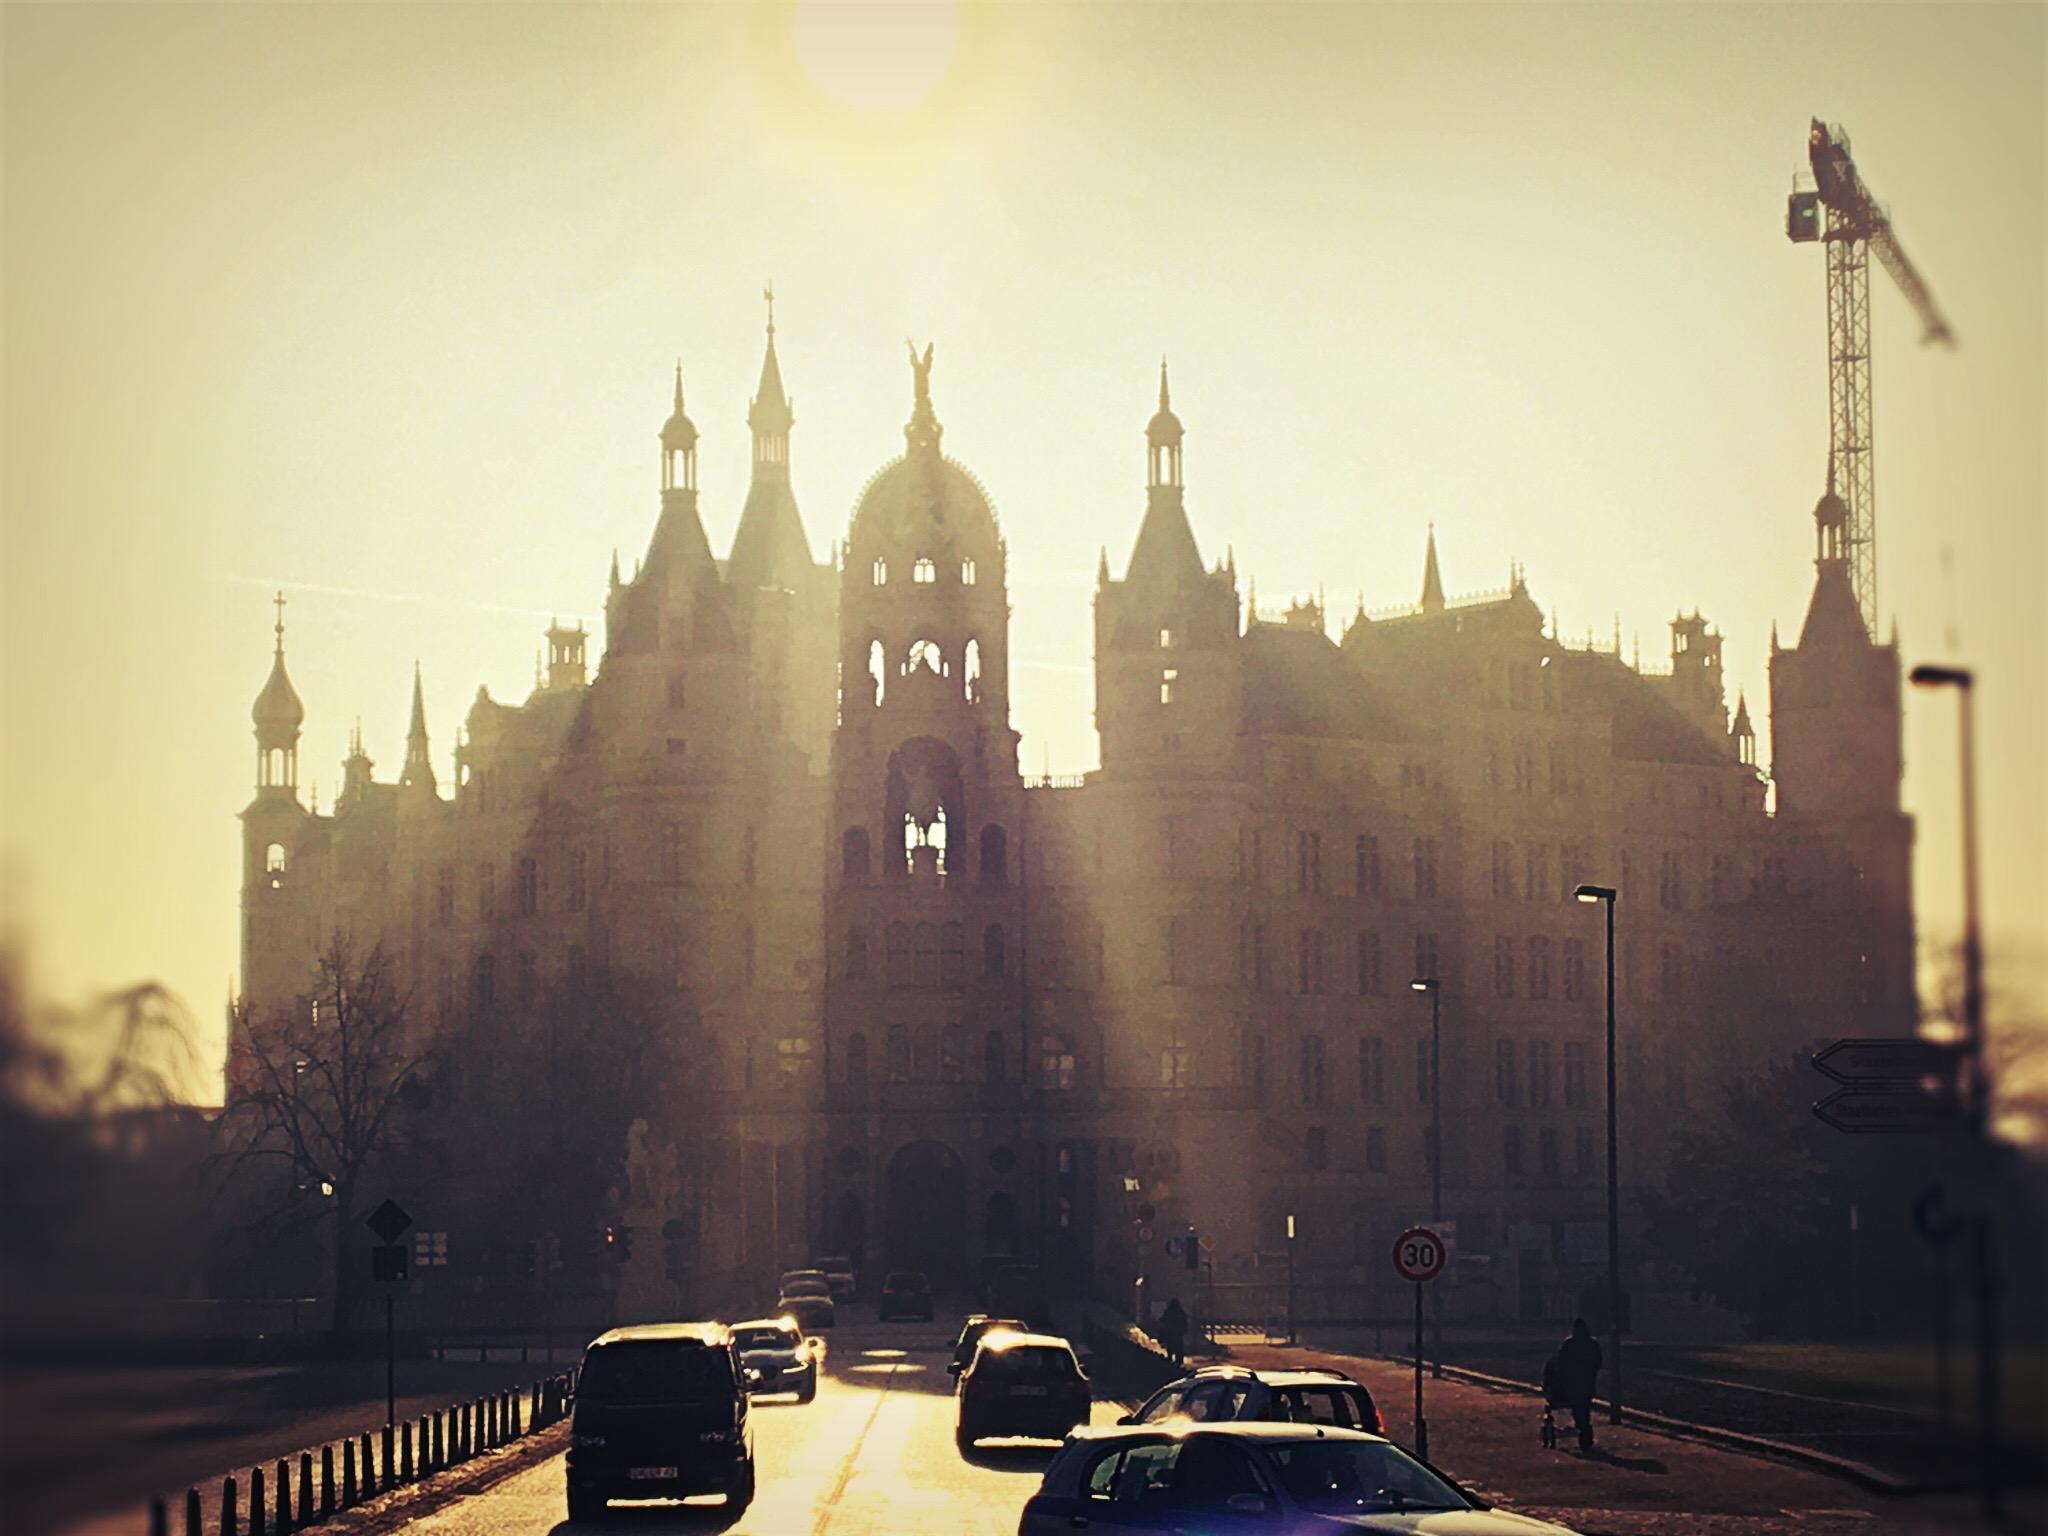 Das Schweriner Schloss im morgendlichen Gegenlicht